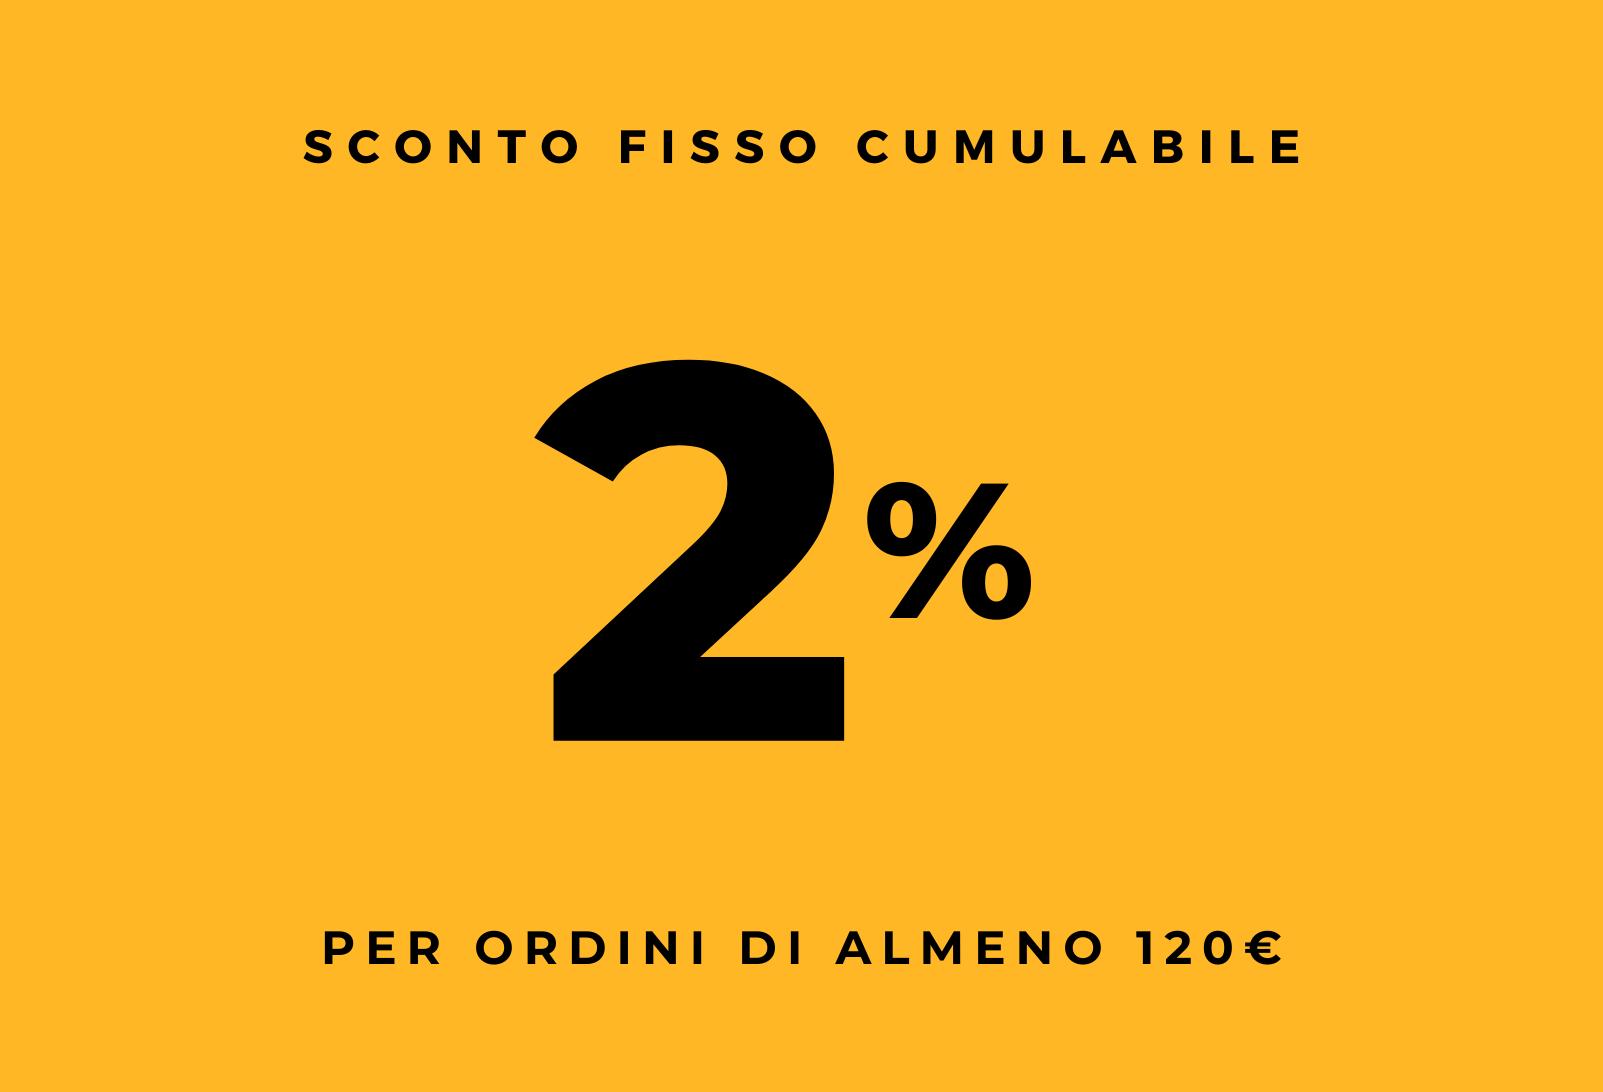 2% di sconto per ordini di almeno 120€